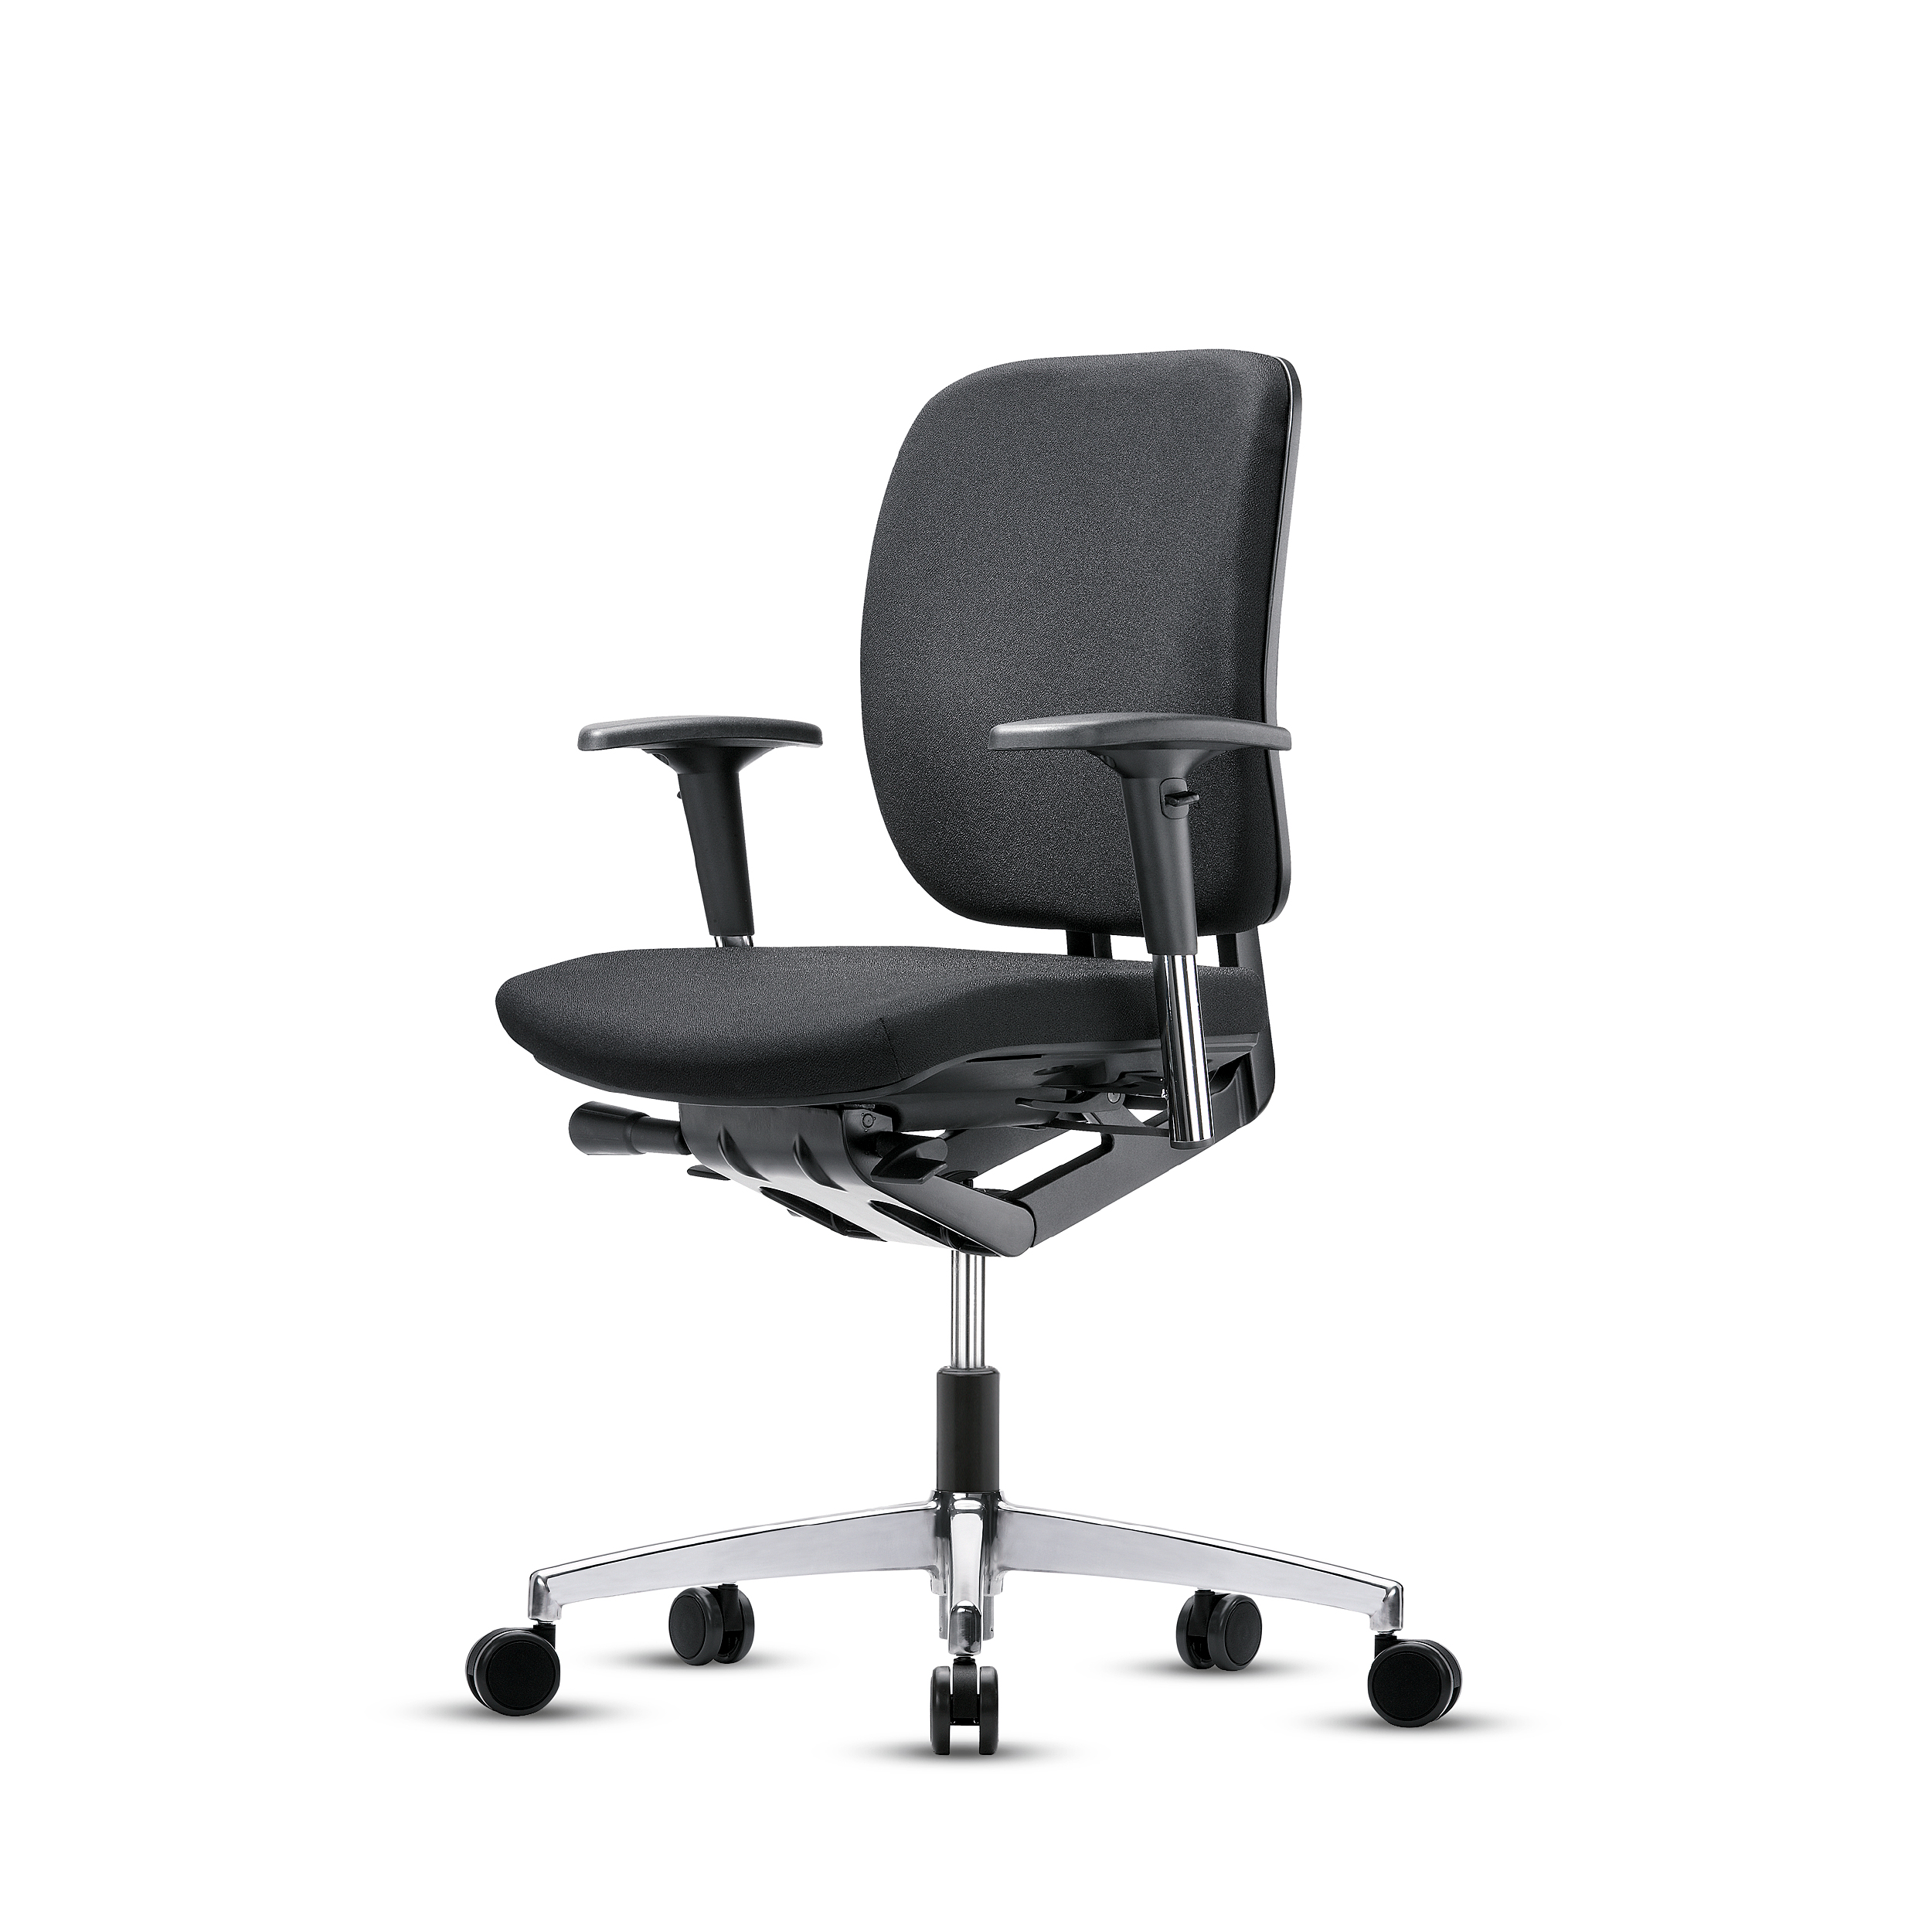 krzesło_GLOBEline04